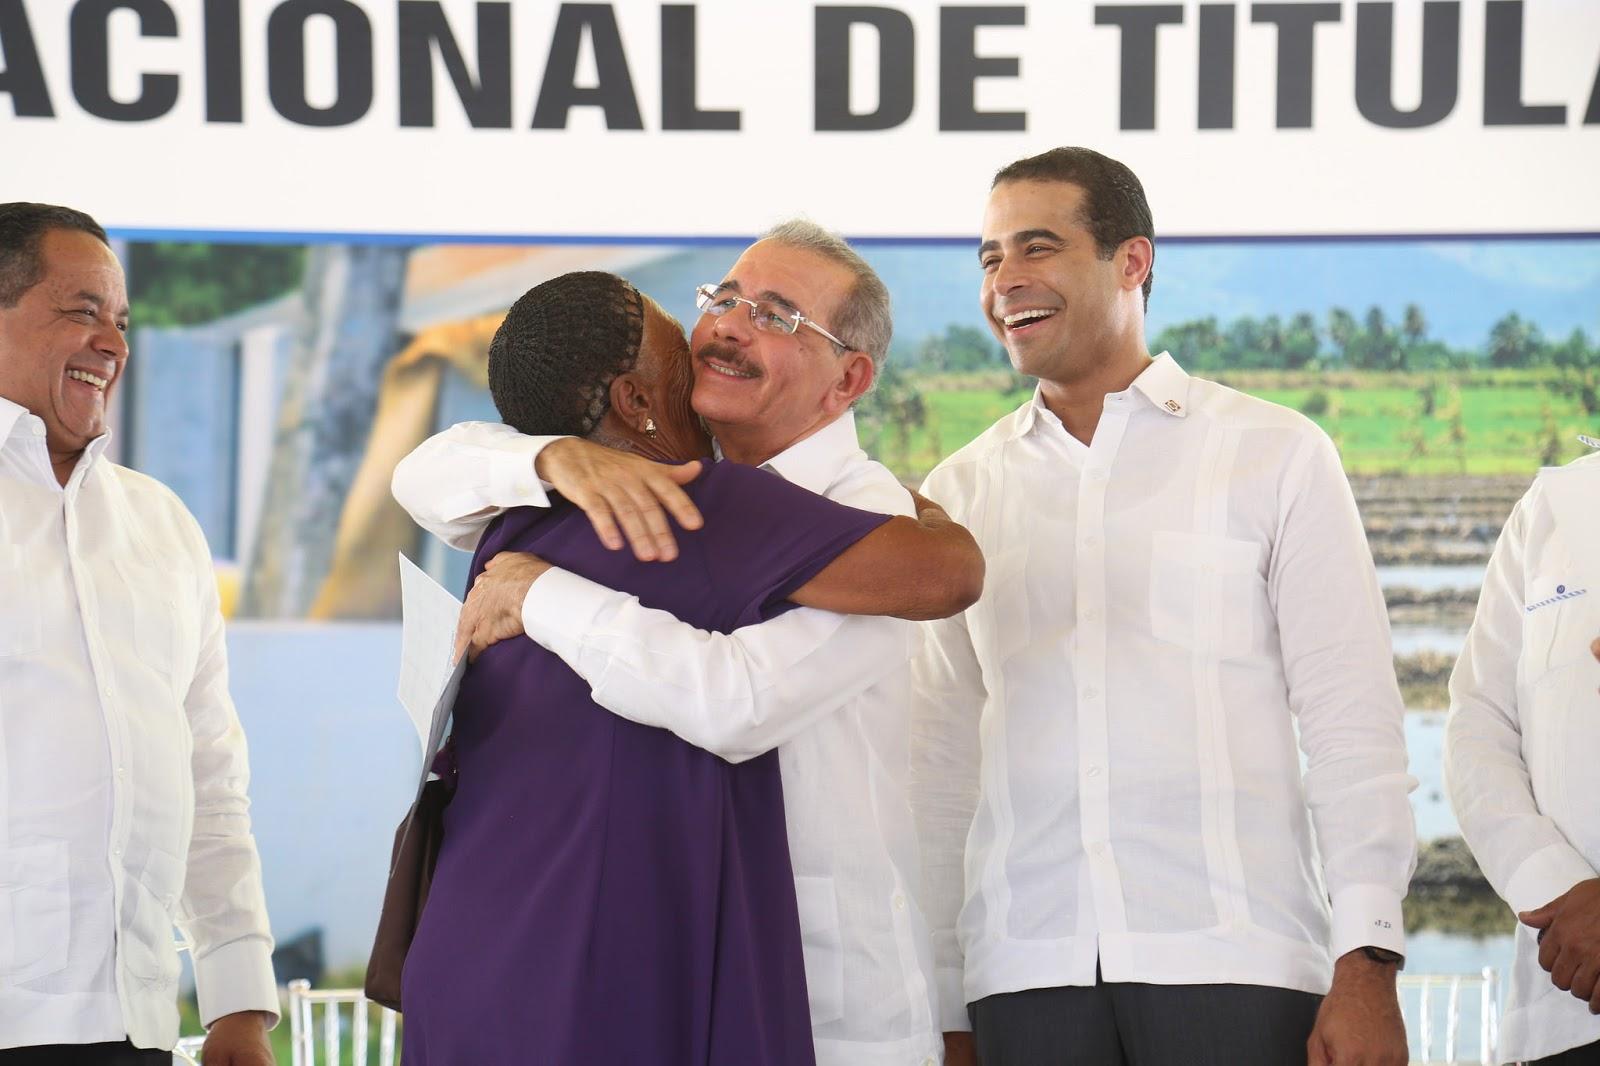 VIDEO: Más seguridad, crédito y bienestar: 481 familias de San Juan y Elías Piña reciben títulos propiedad